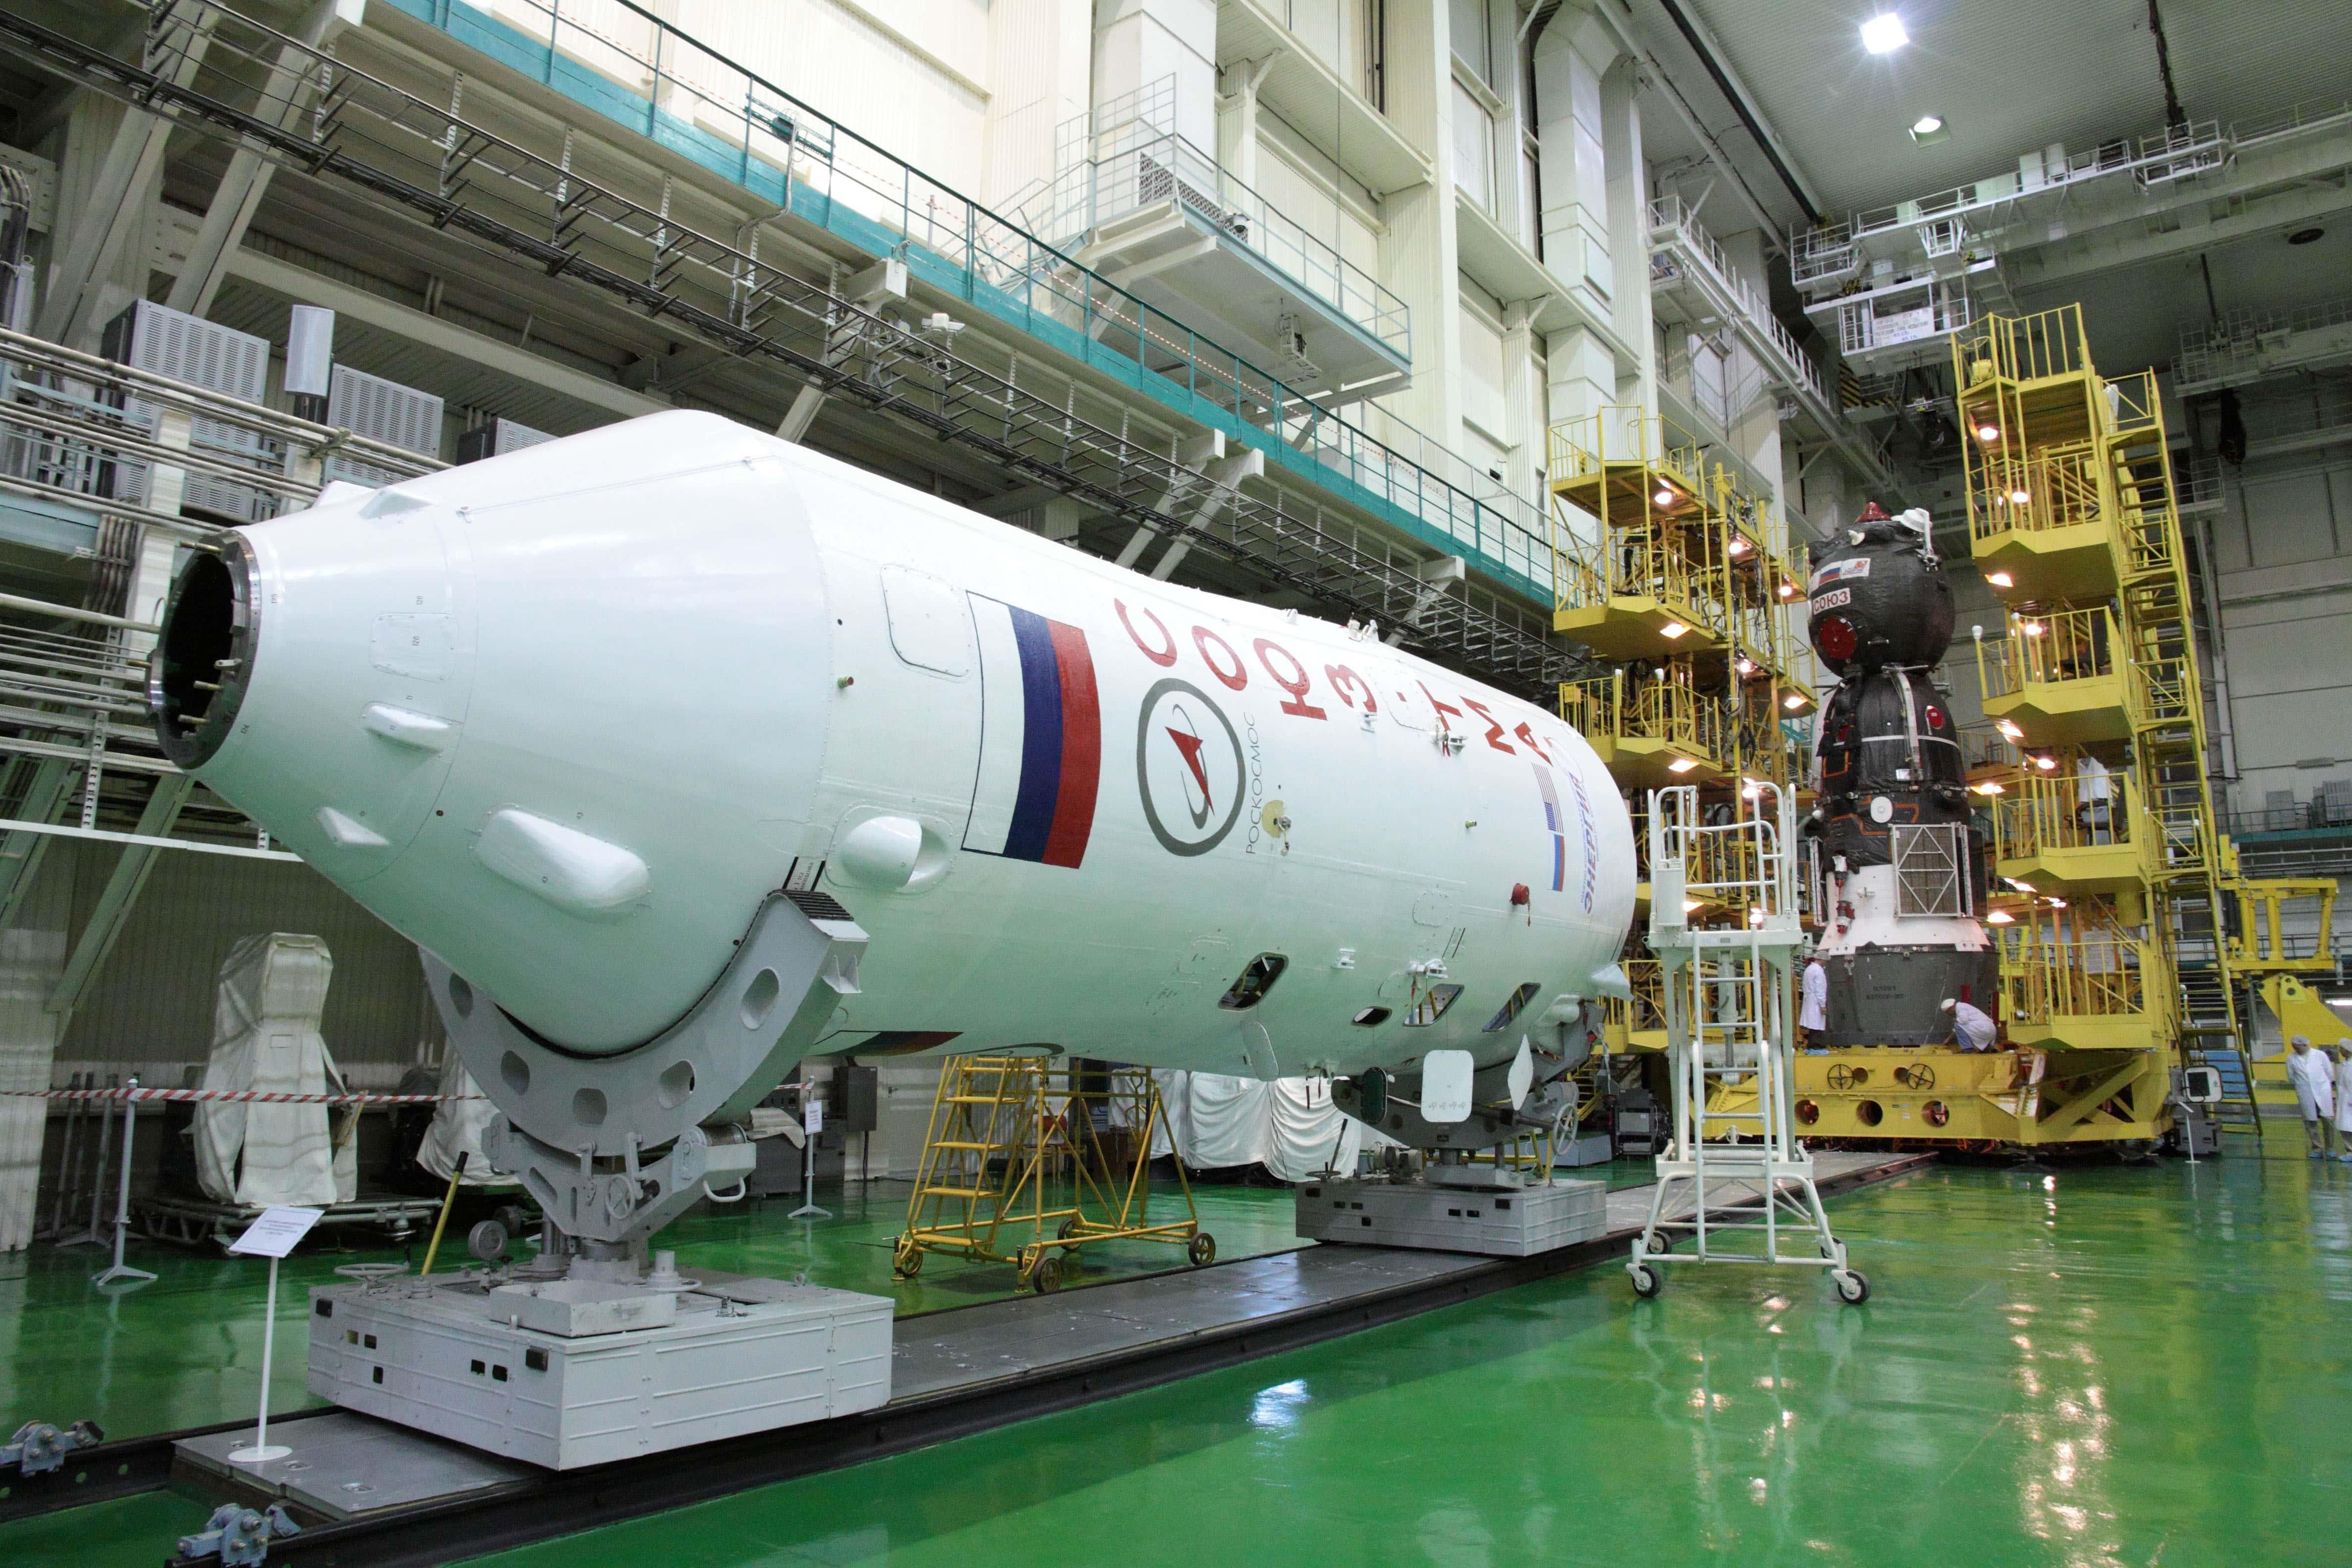 Многие испытательные лаборатории Ракетно-космической корпорации «Энергия» имени С. П. Королёва активно используют экранирующие материалы с целью снижения влияния внешнего электромагнитного излучения